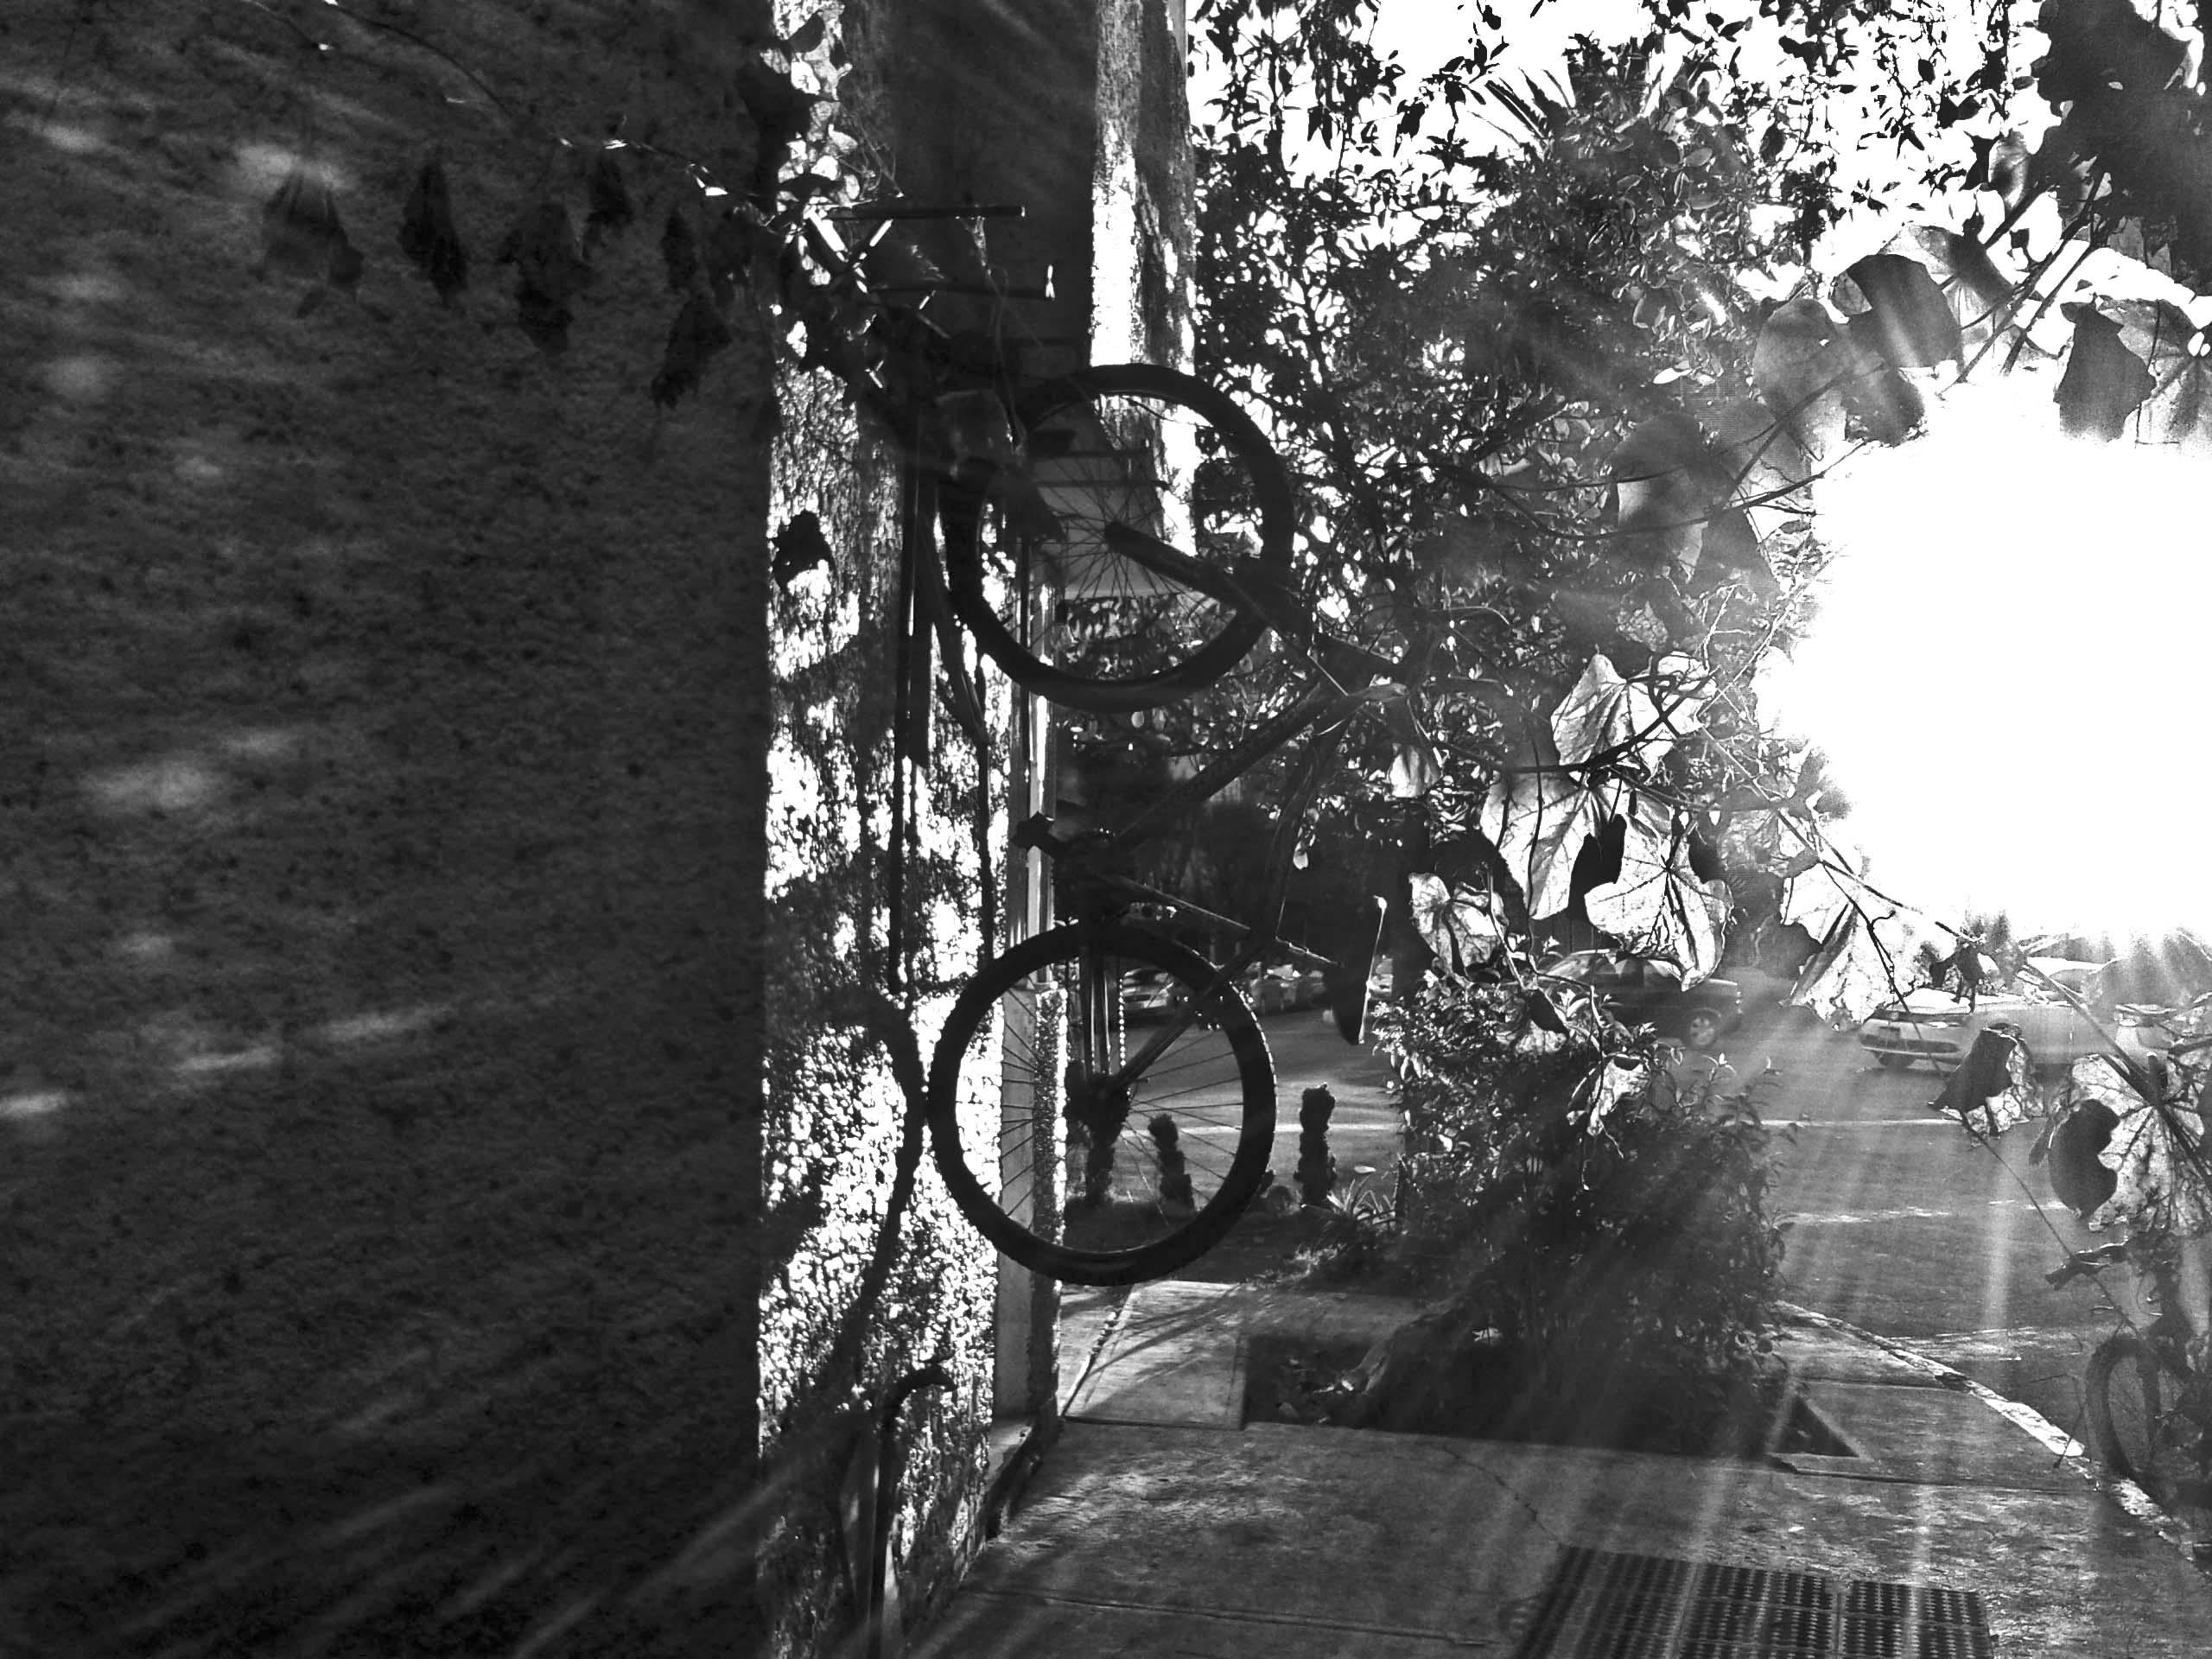 Además de mejorar la circulación, el uso de la bicicleta no contamina, te ejercita y sobre todo te da